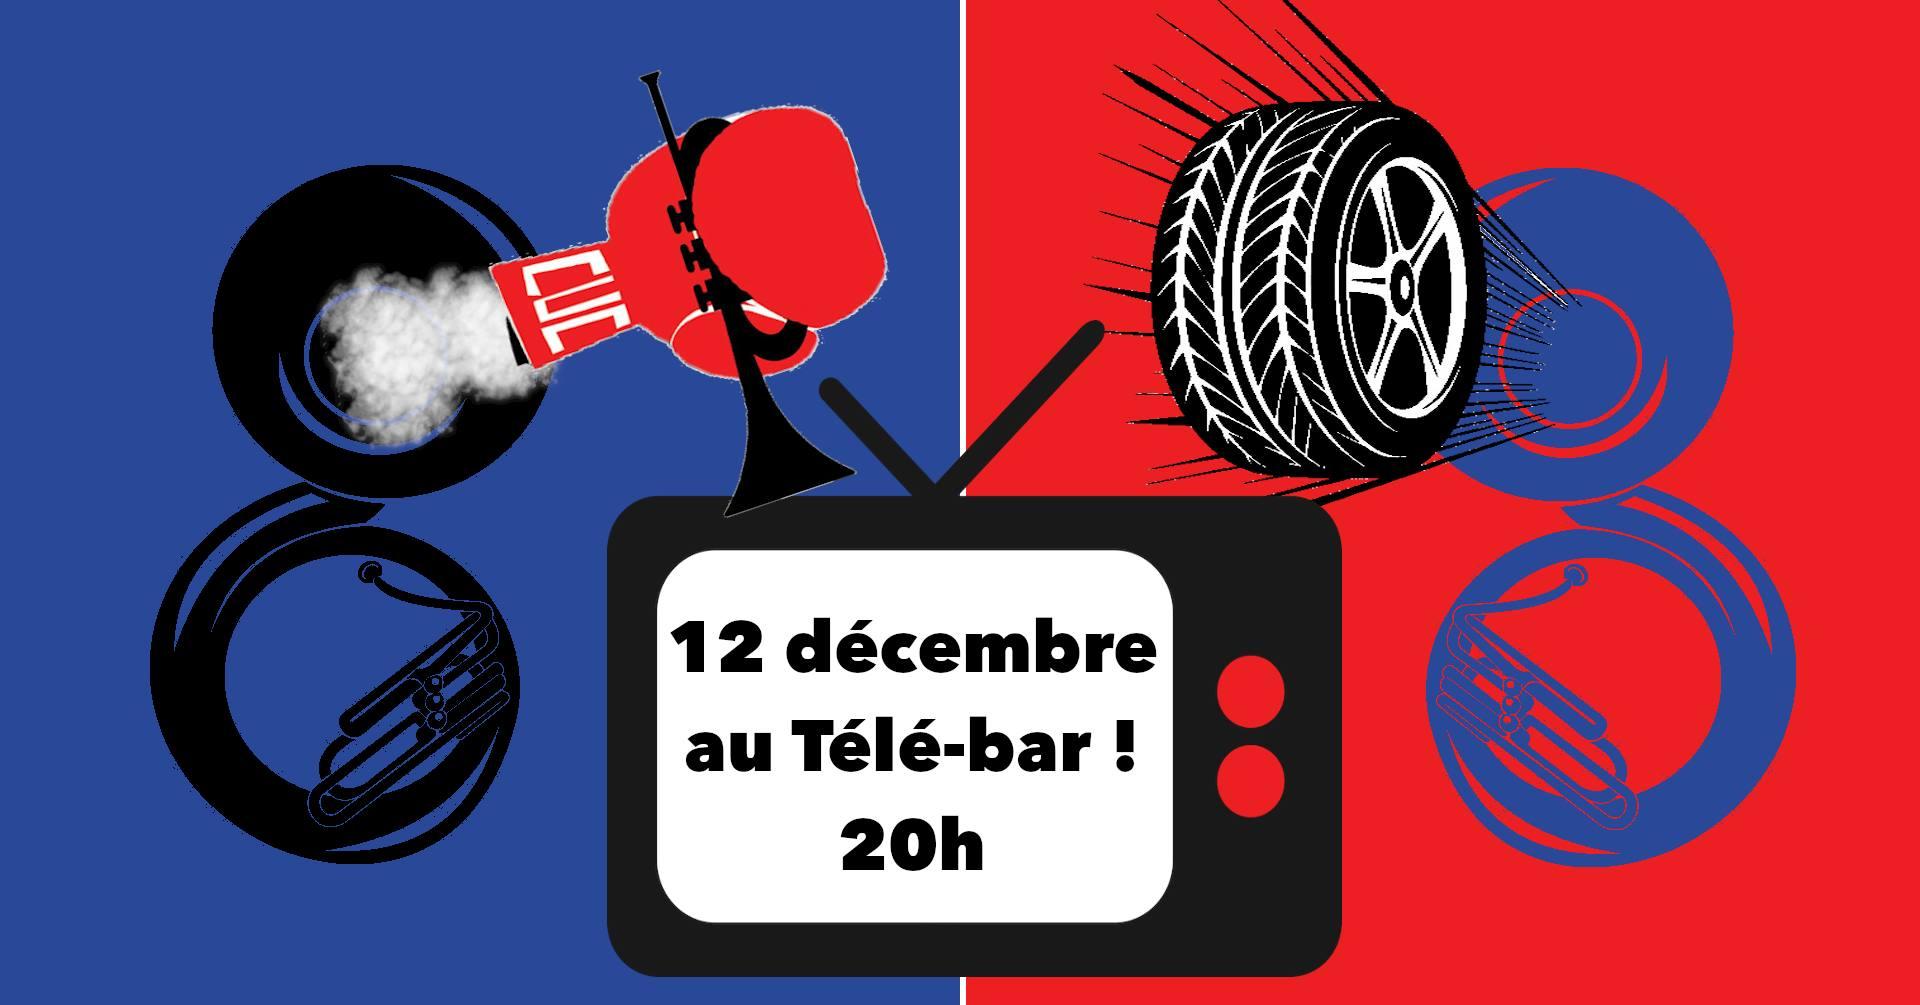 Concert Télé-bar Fanfare Paris